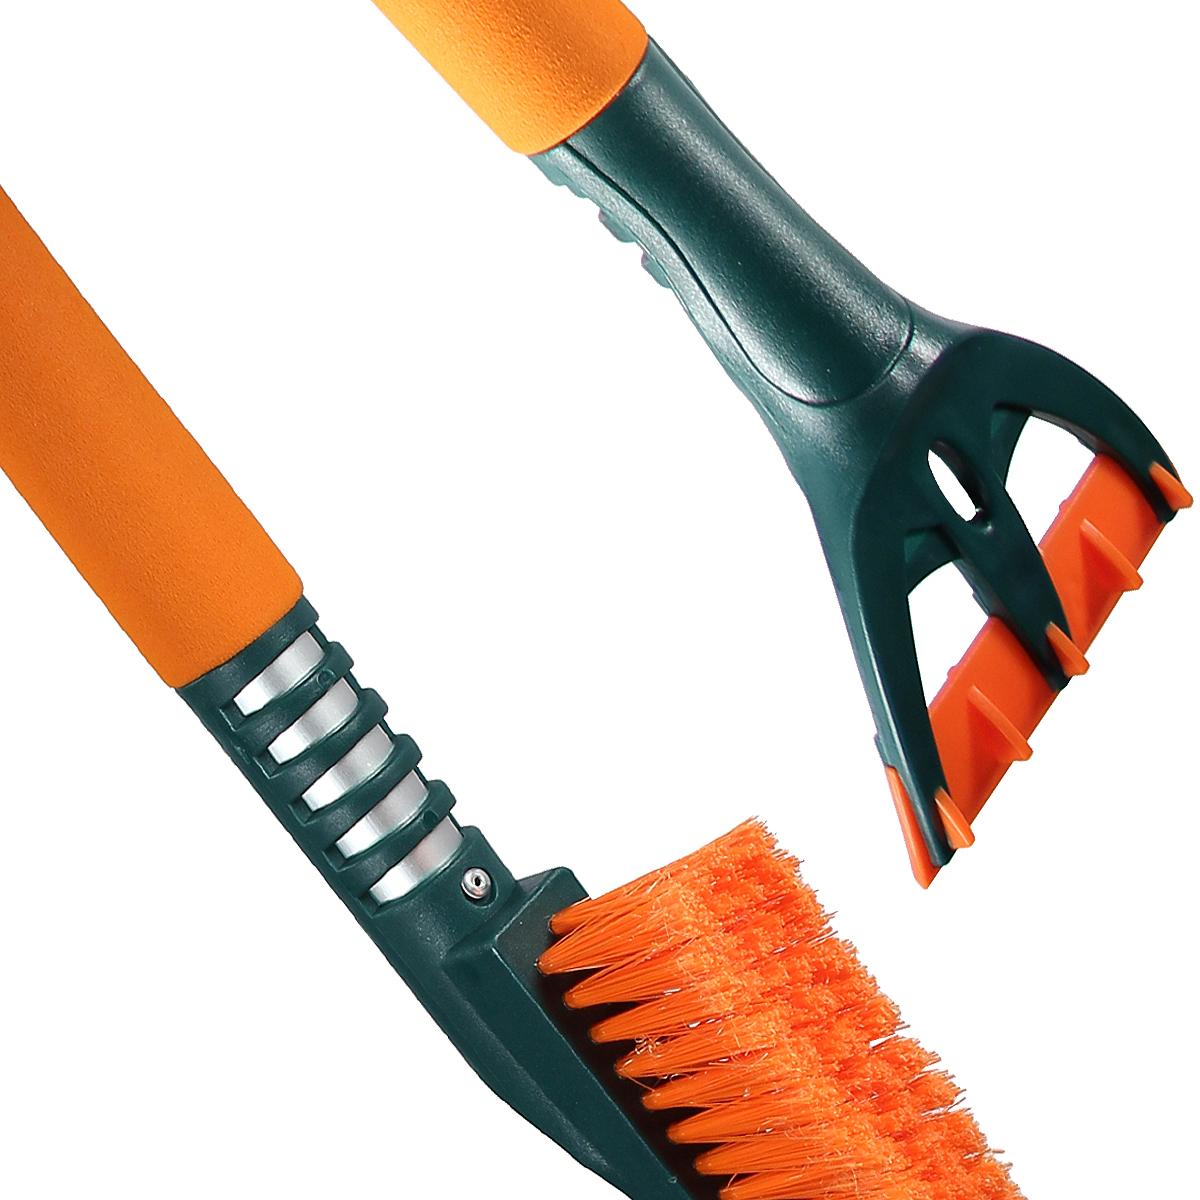 Щетка для снега cо скребком Li-Sa LS212, 44385, оранжевый, зеленый, длина 91. 5 см